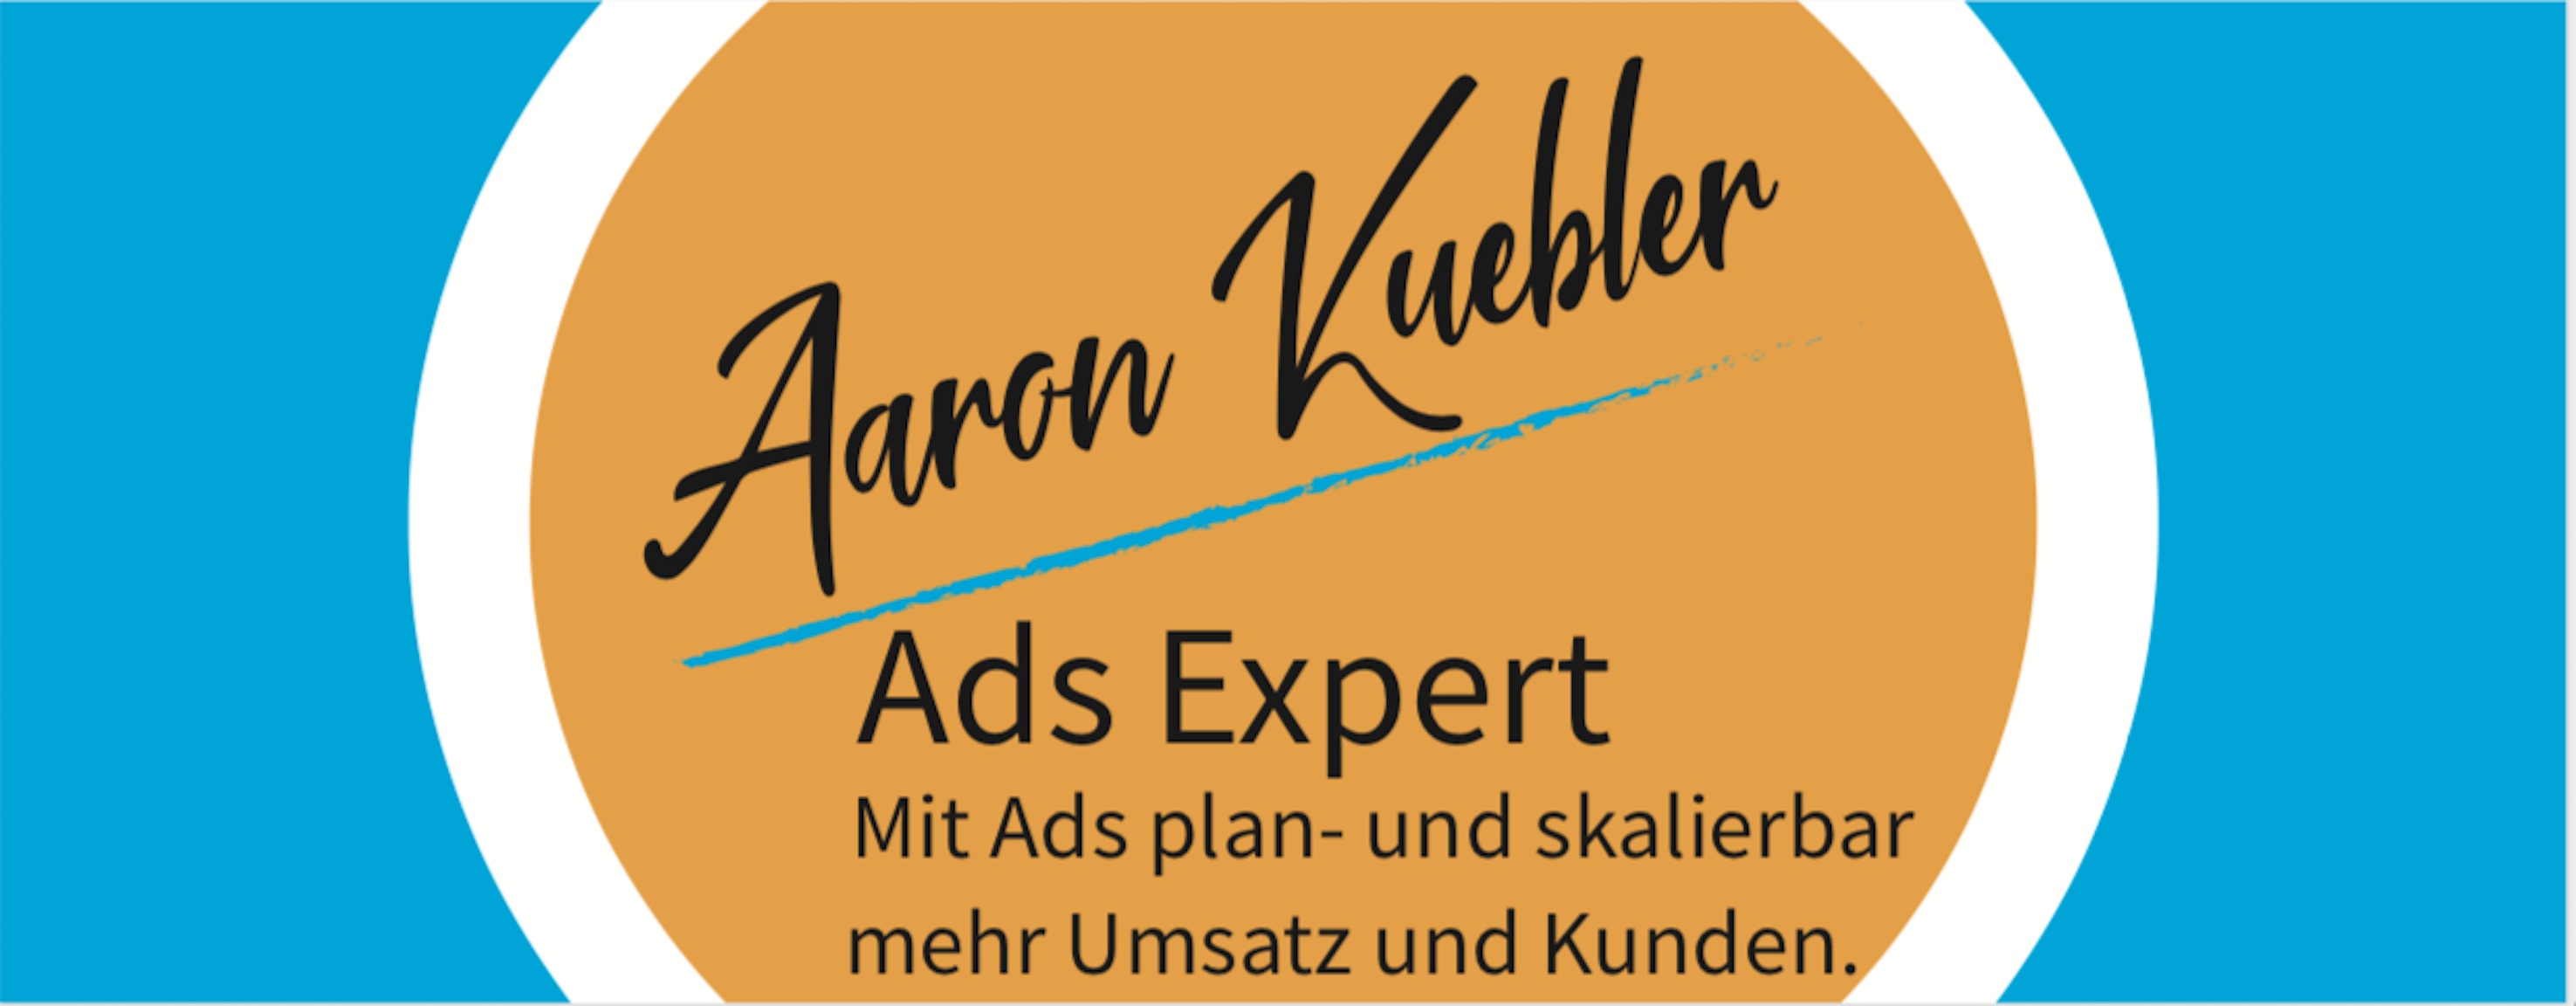 Aaron Kübler - AKUB Consulting